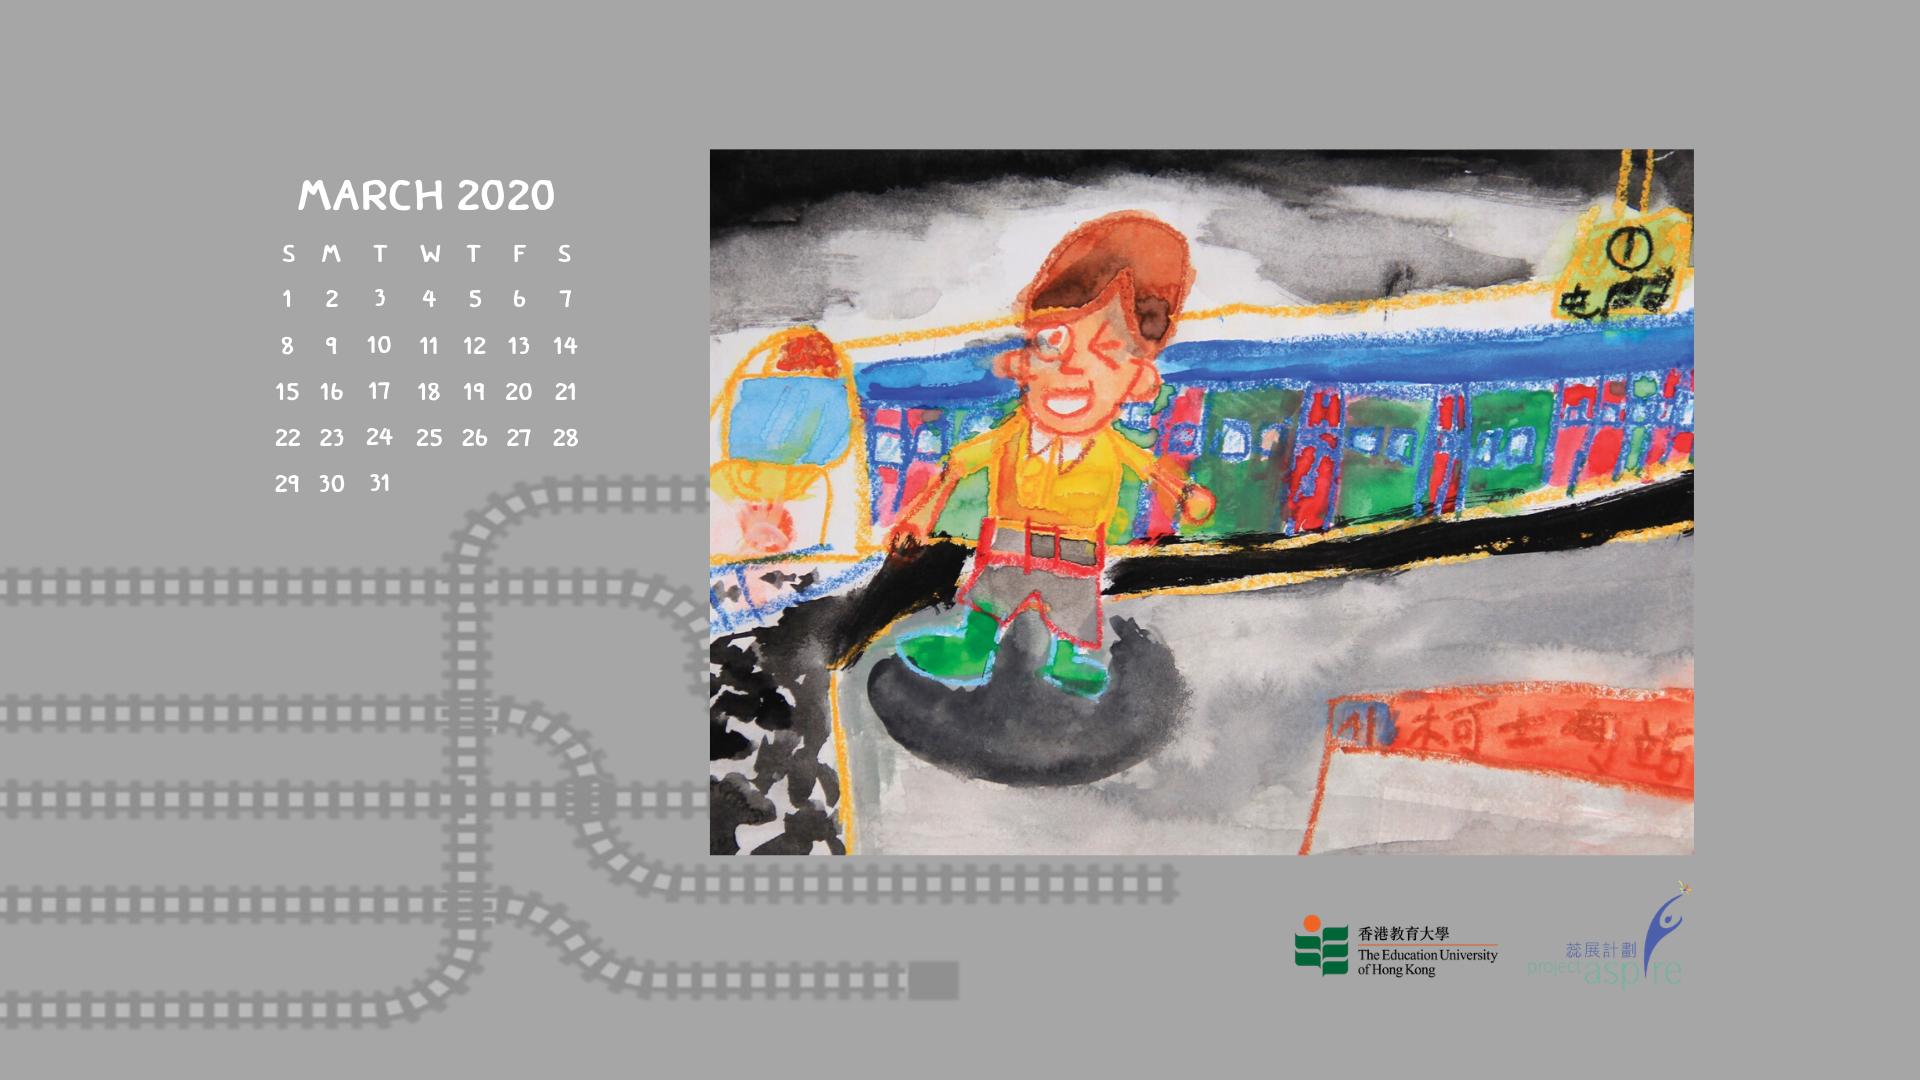 March 2020 copy